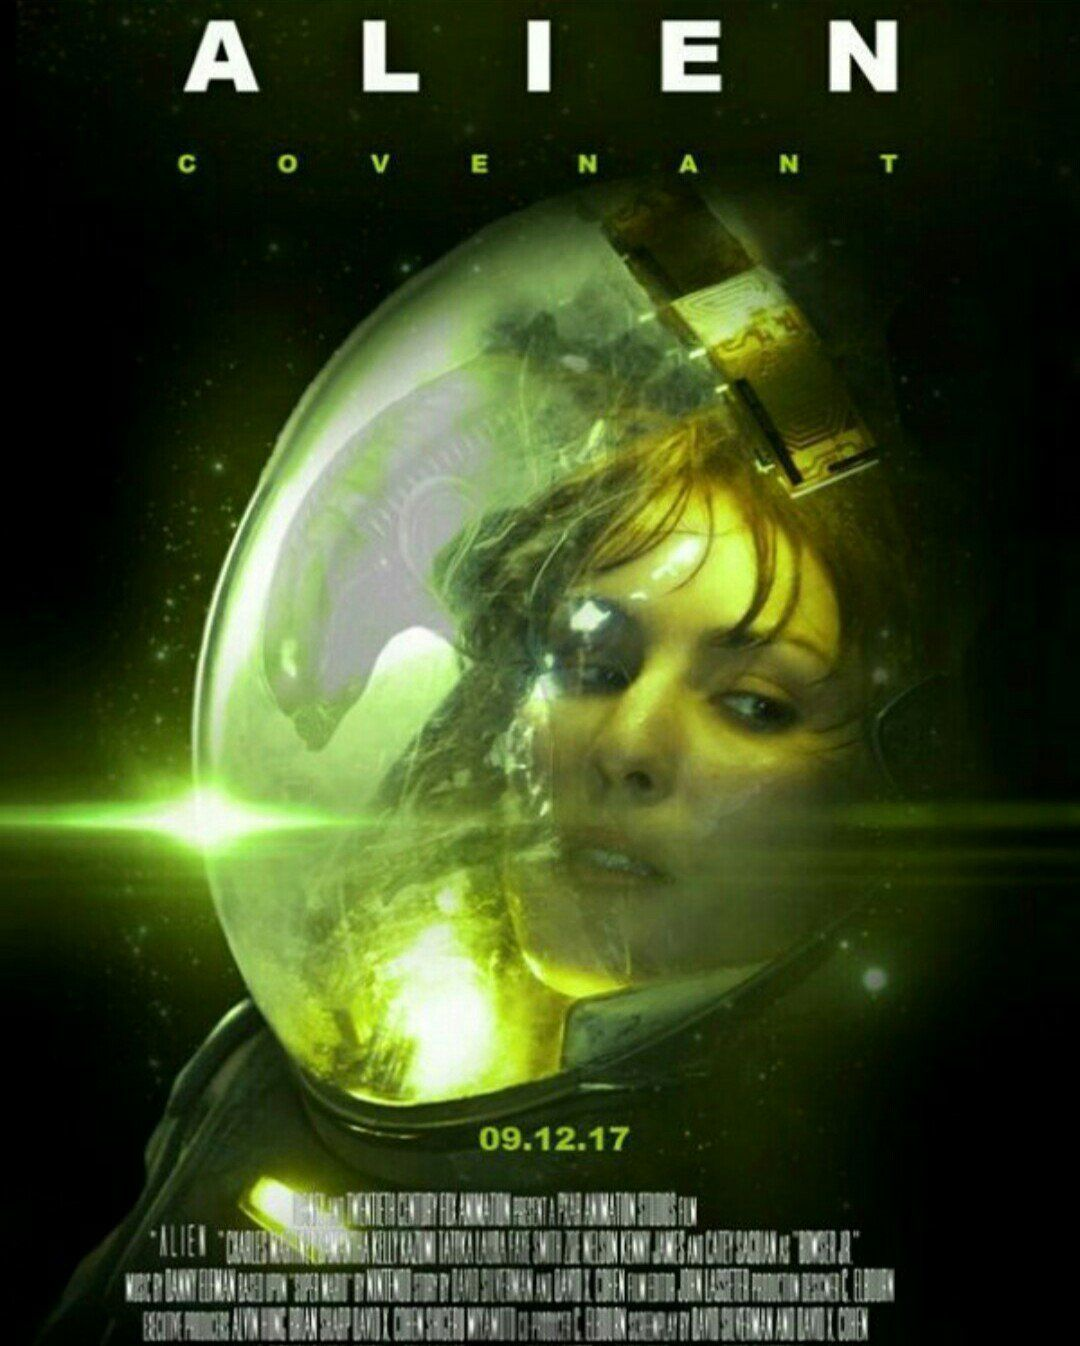 alien covenant film art pinterest alien covenant